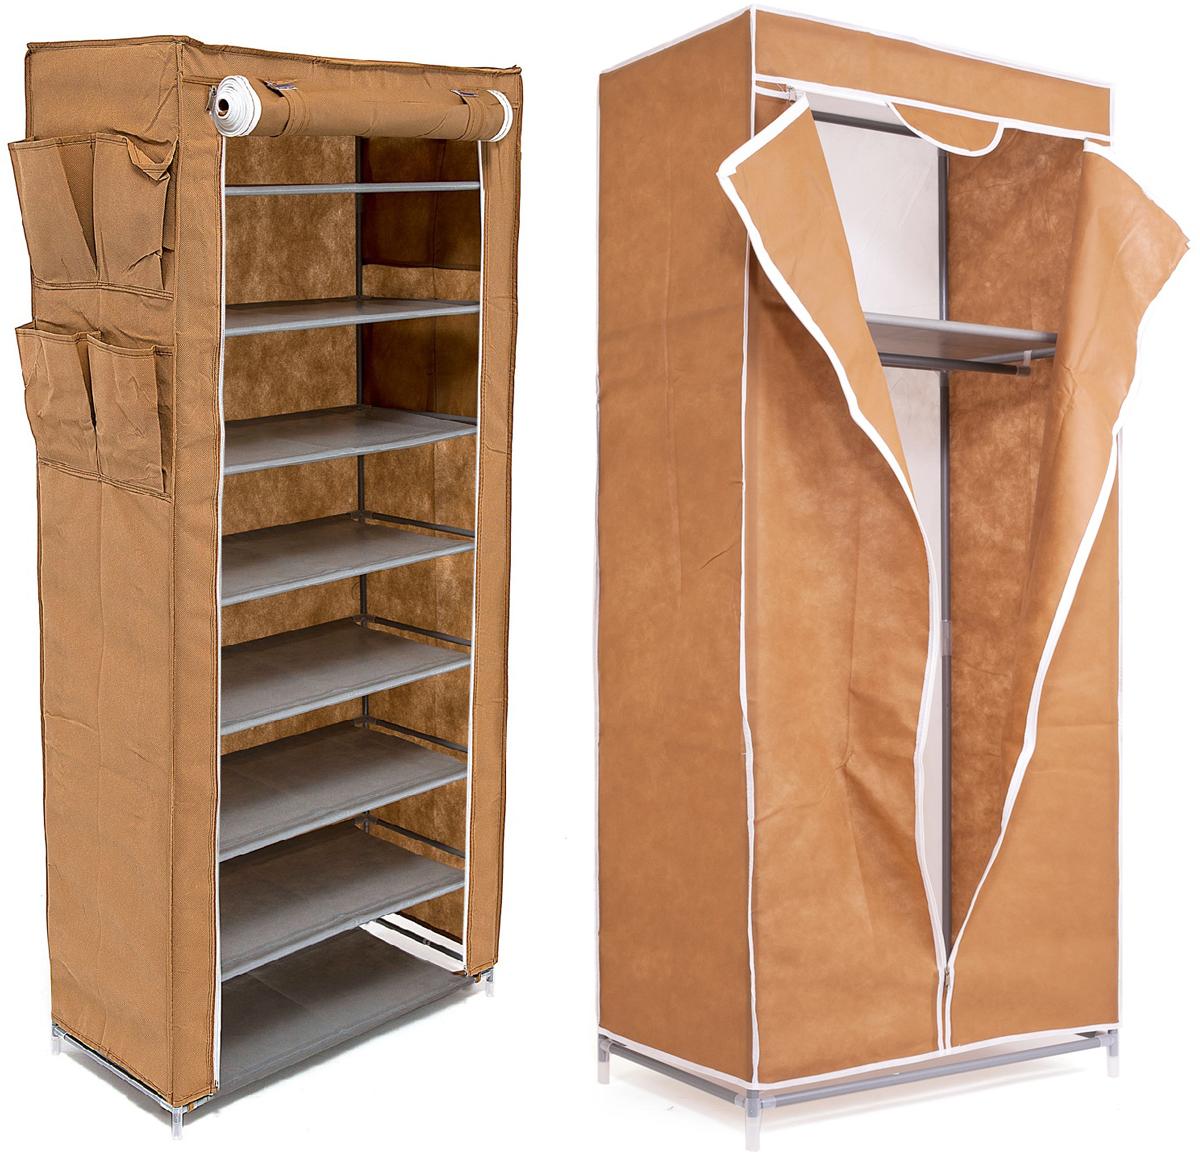 Набор кофров для хранения Homsu, цвет: коричневый, 2 предметаPARIS 75015-8C ANTIQUEУникальный дизайн этого комплекта станет настоящим украшением для любого интерьера. Практичная составляющая подобной мебели также вне сомнений. Лёгкие и прочные устойчивые конструкции из каркасов и тканевой обивки могут быть легко собраны вами без посторонней помощи, буквально за несколько минут. Такая мебель будет всегда удобной и максимально практичной, ведь верхнюю тканевую часть при надобности можно всегда постирать либо же попросту поменять на аналогичную другого цвета. Кроме того, такие конструкции всегда будут отличным решением для того, кому по душе мобильность и постоянная смена обстановки. 680х450х1550; 600х300х1360